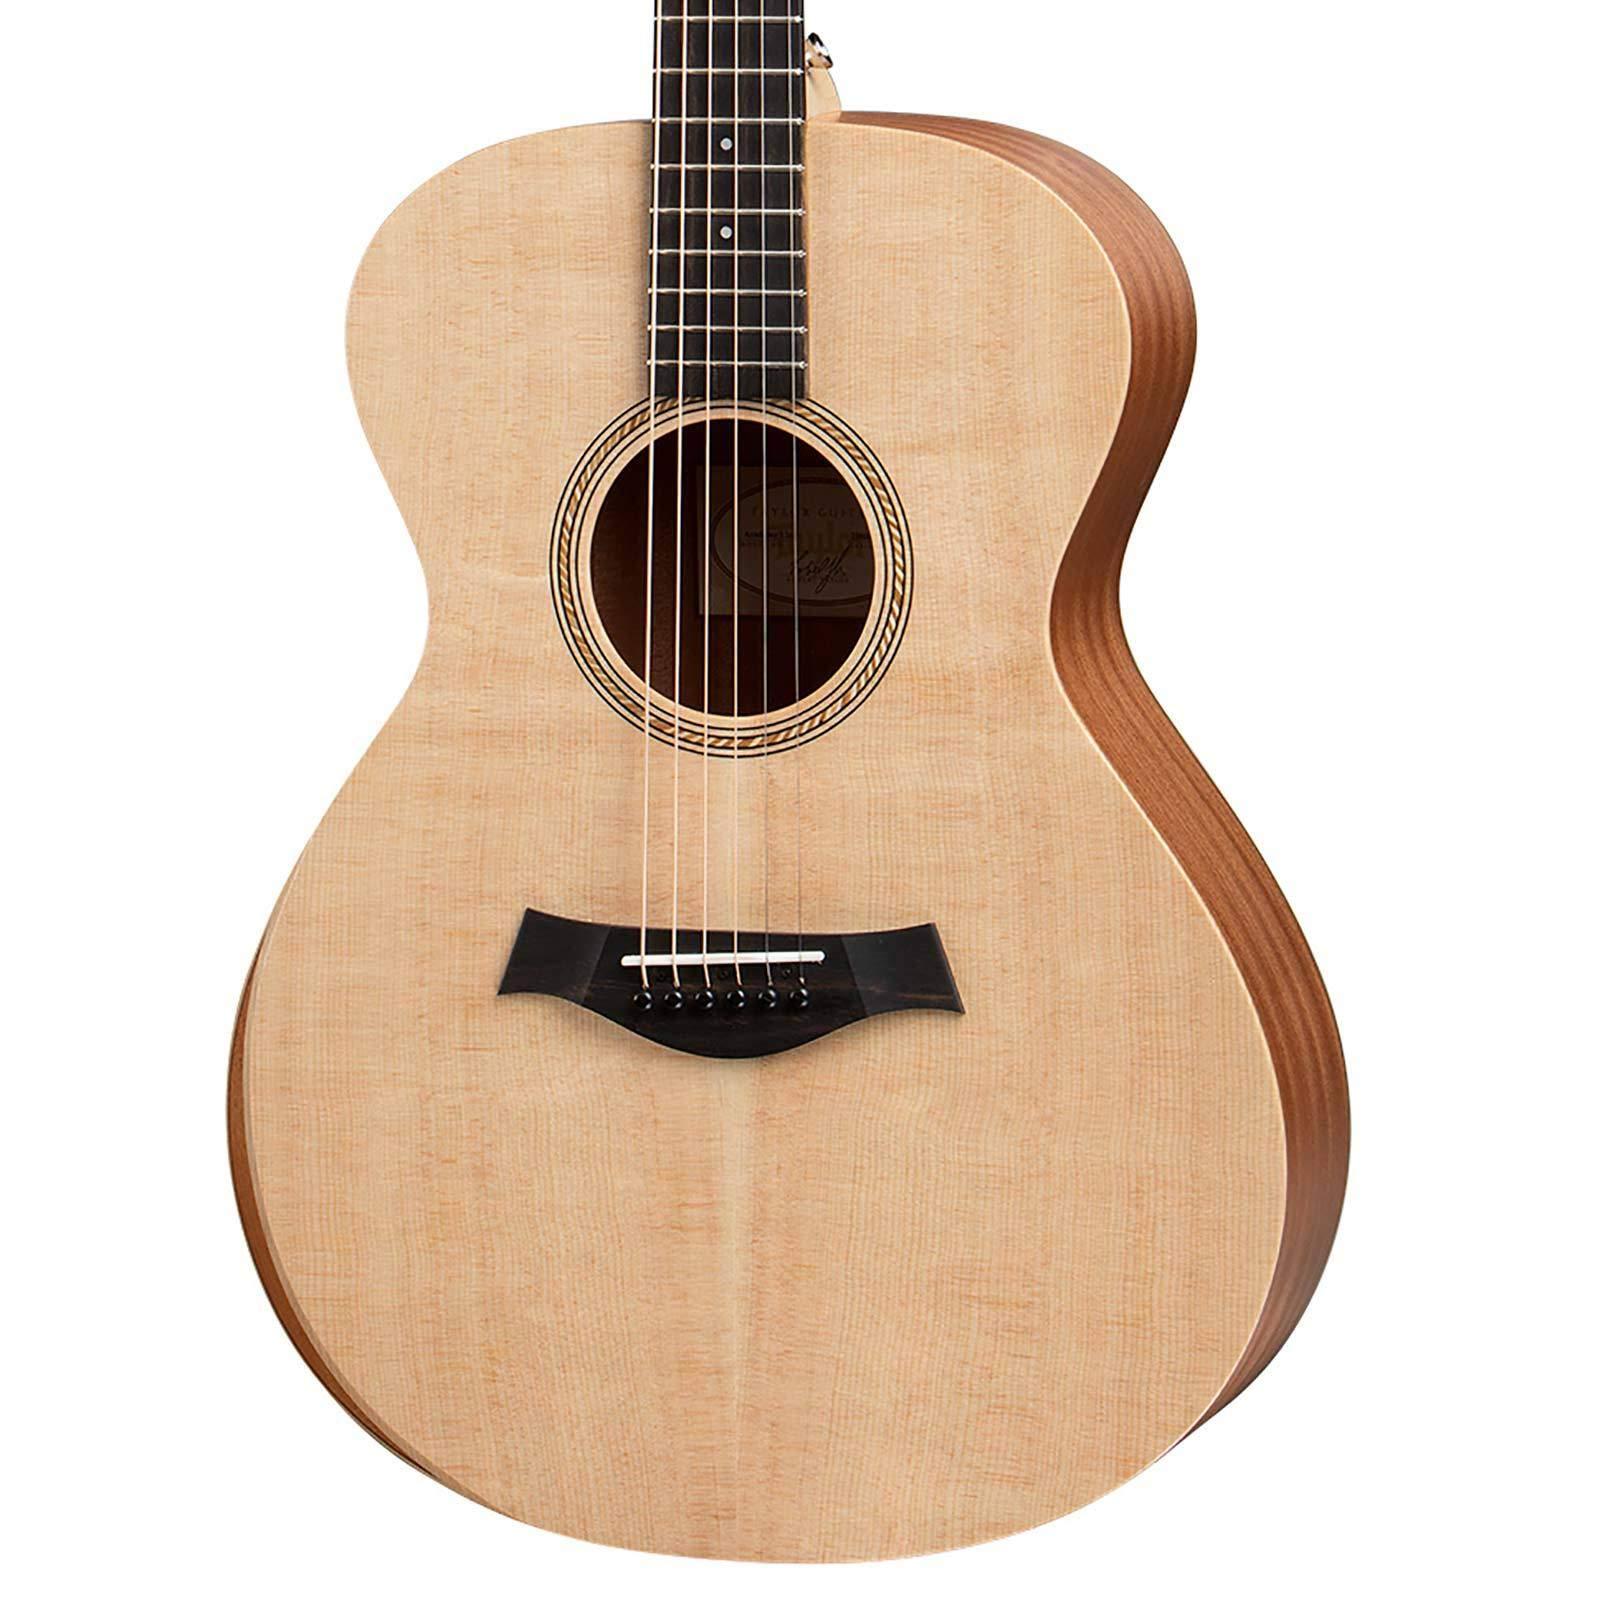 Musical Instruments unwound Banjo Uke/Banjolele - GCEA Tuning ...